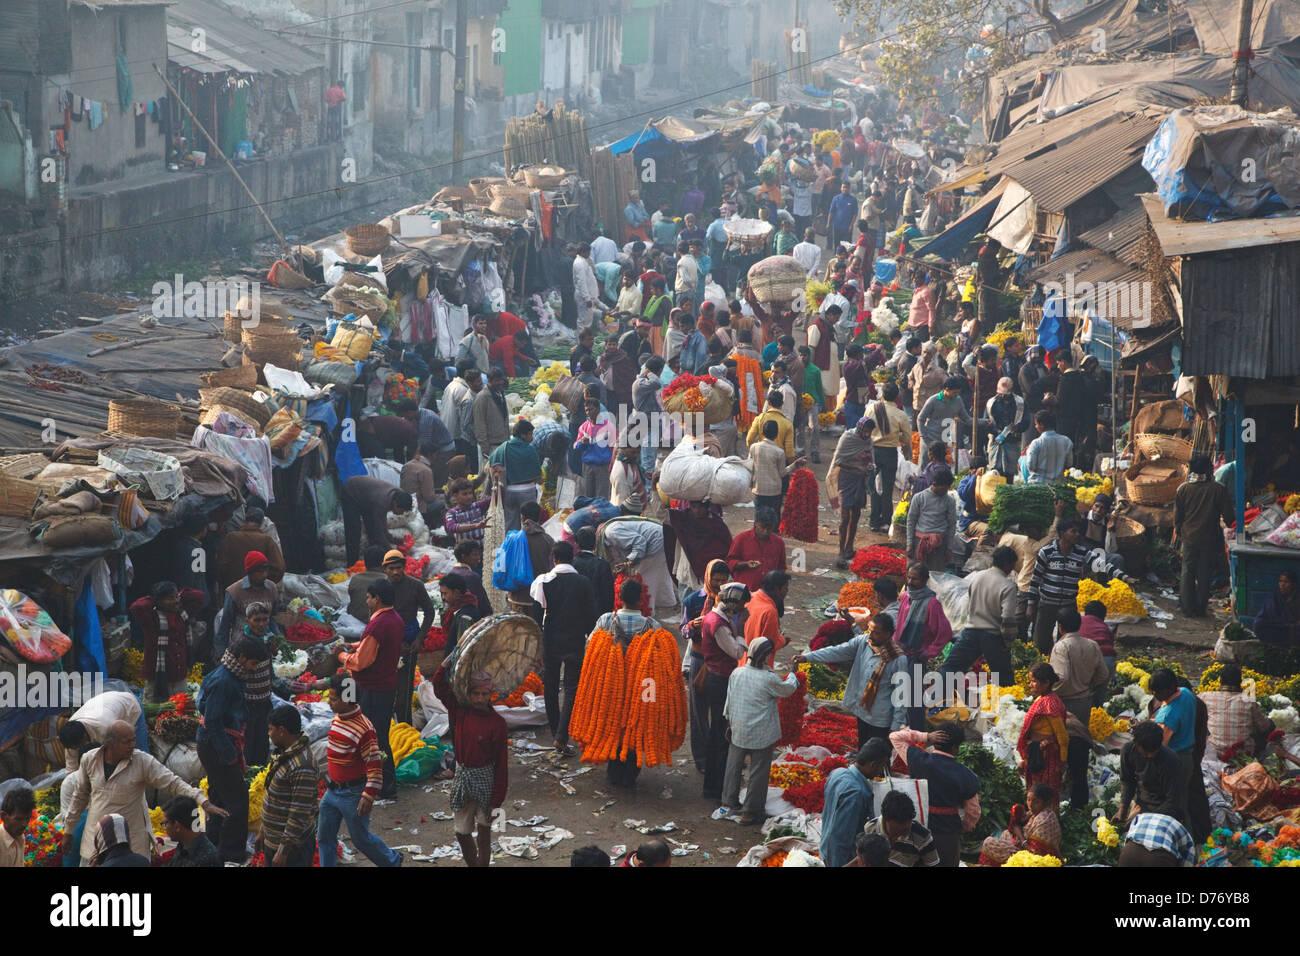 Colorful flower market at Mullick ghat near Howrah Bridge in Kolkata, India. - Stock Image